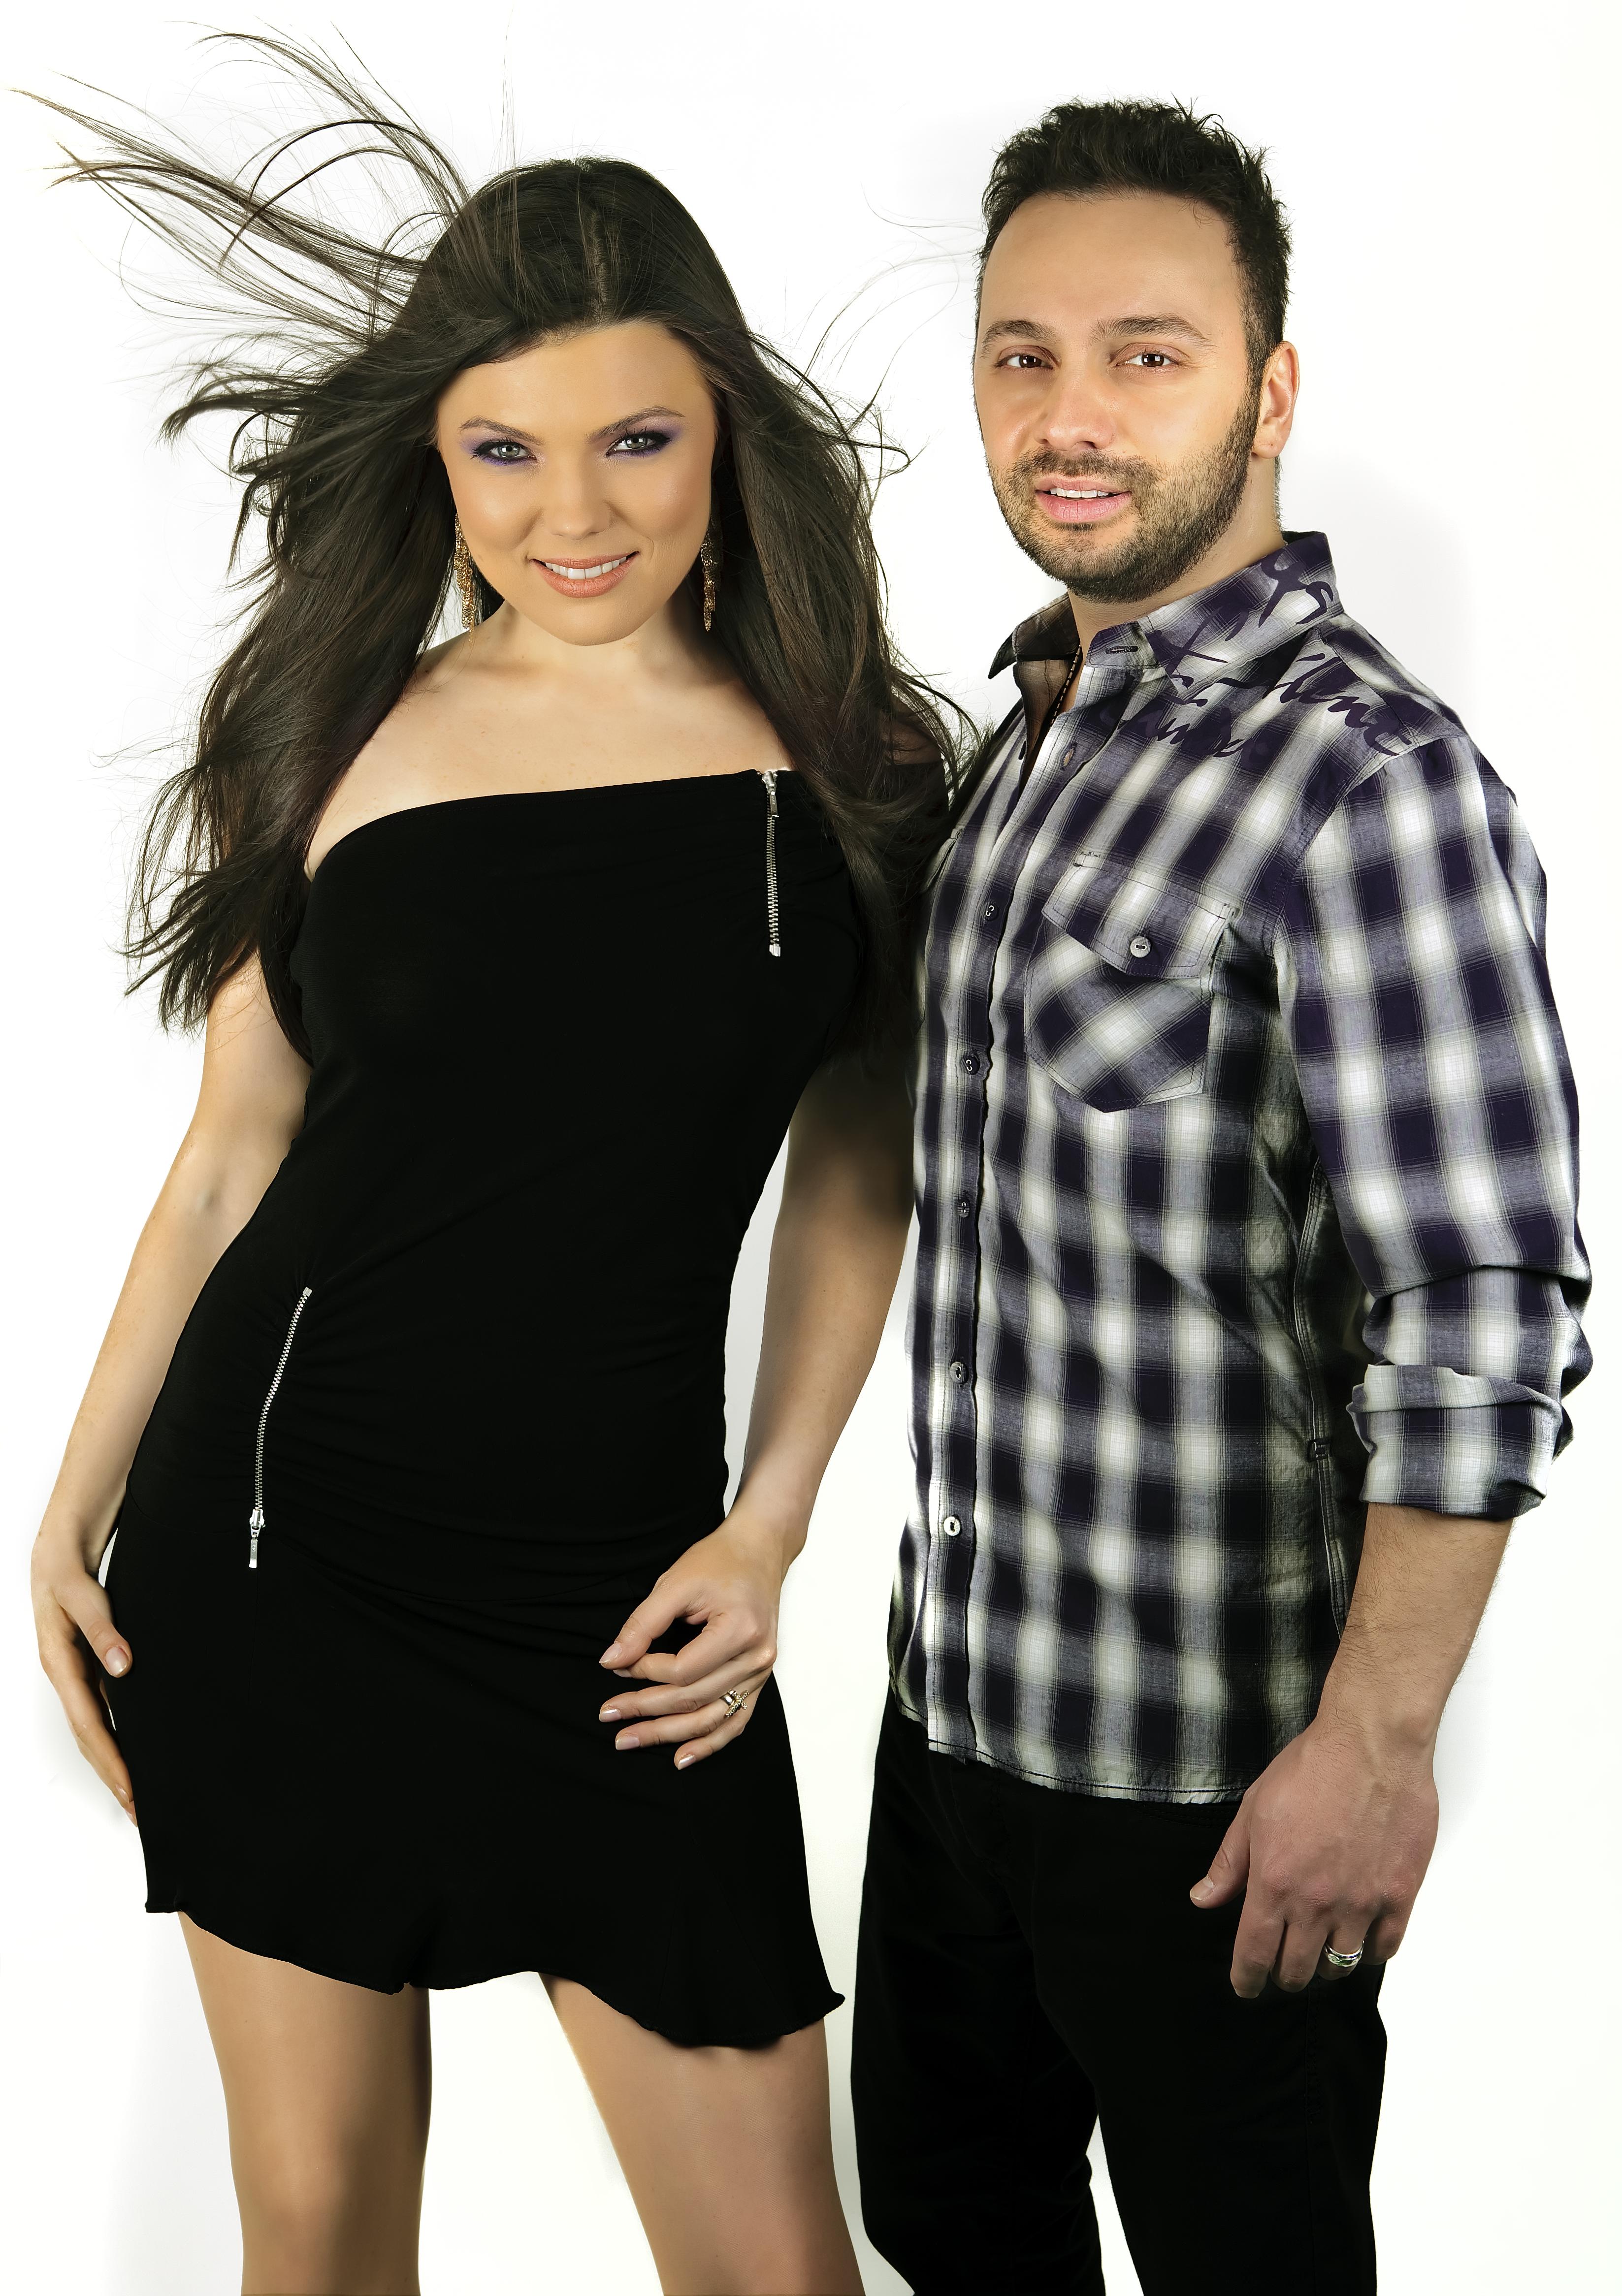 Paula Seling si Ovi vor reprezenta pentru a doua oara Romania la Eurovision